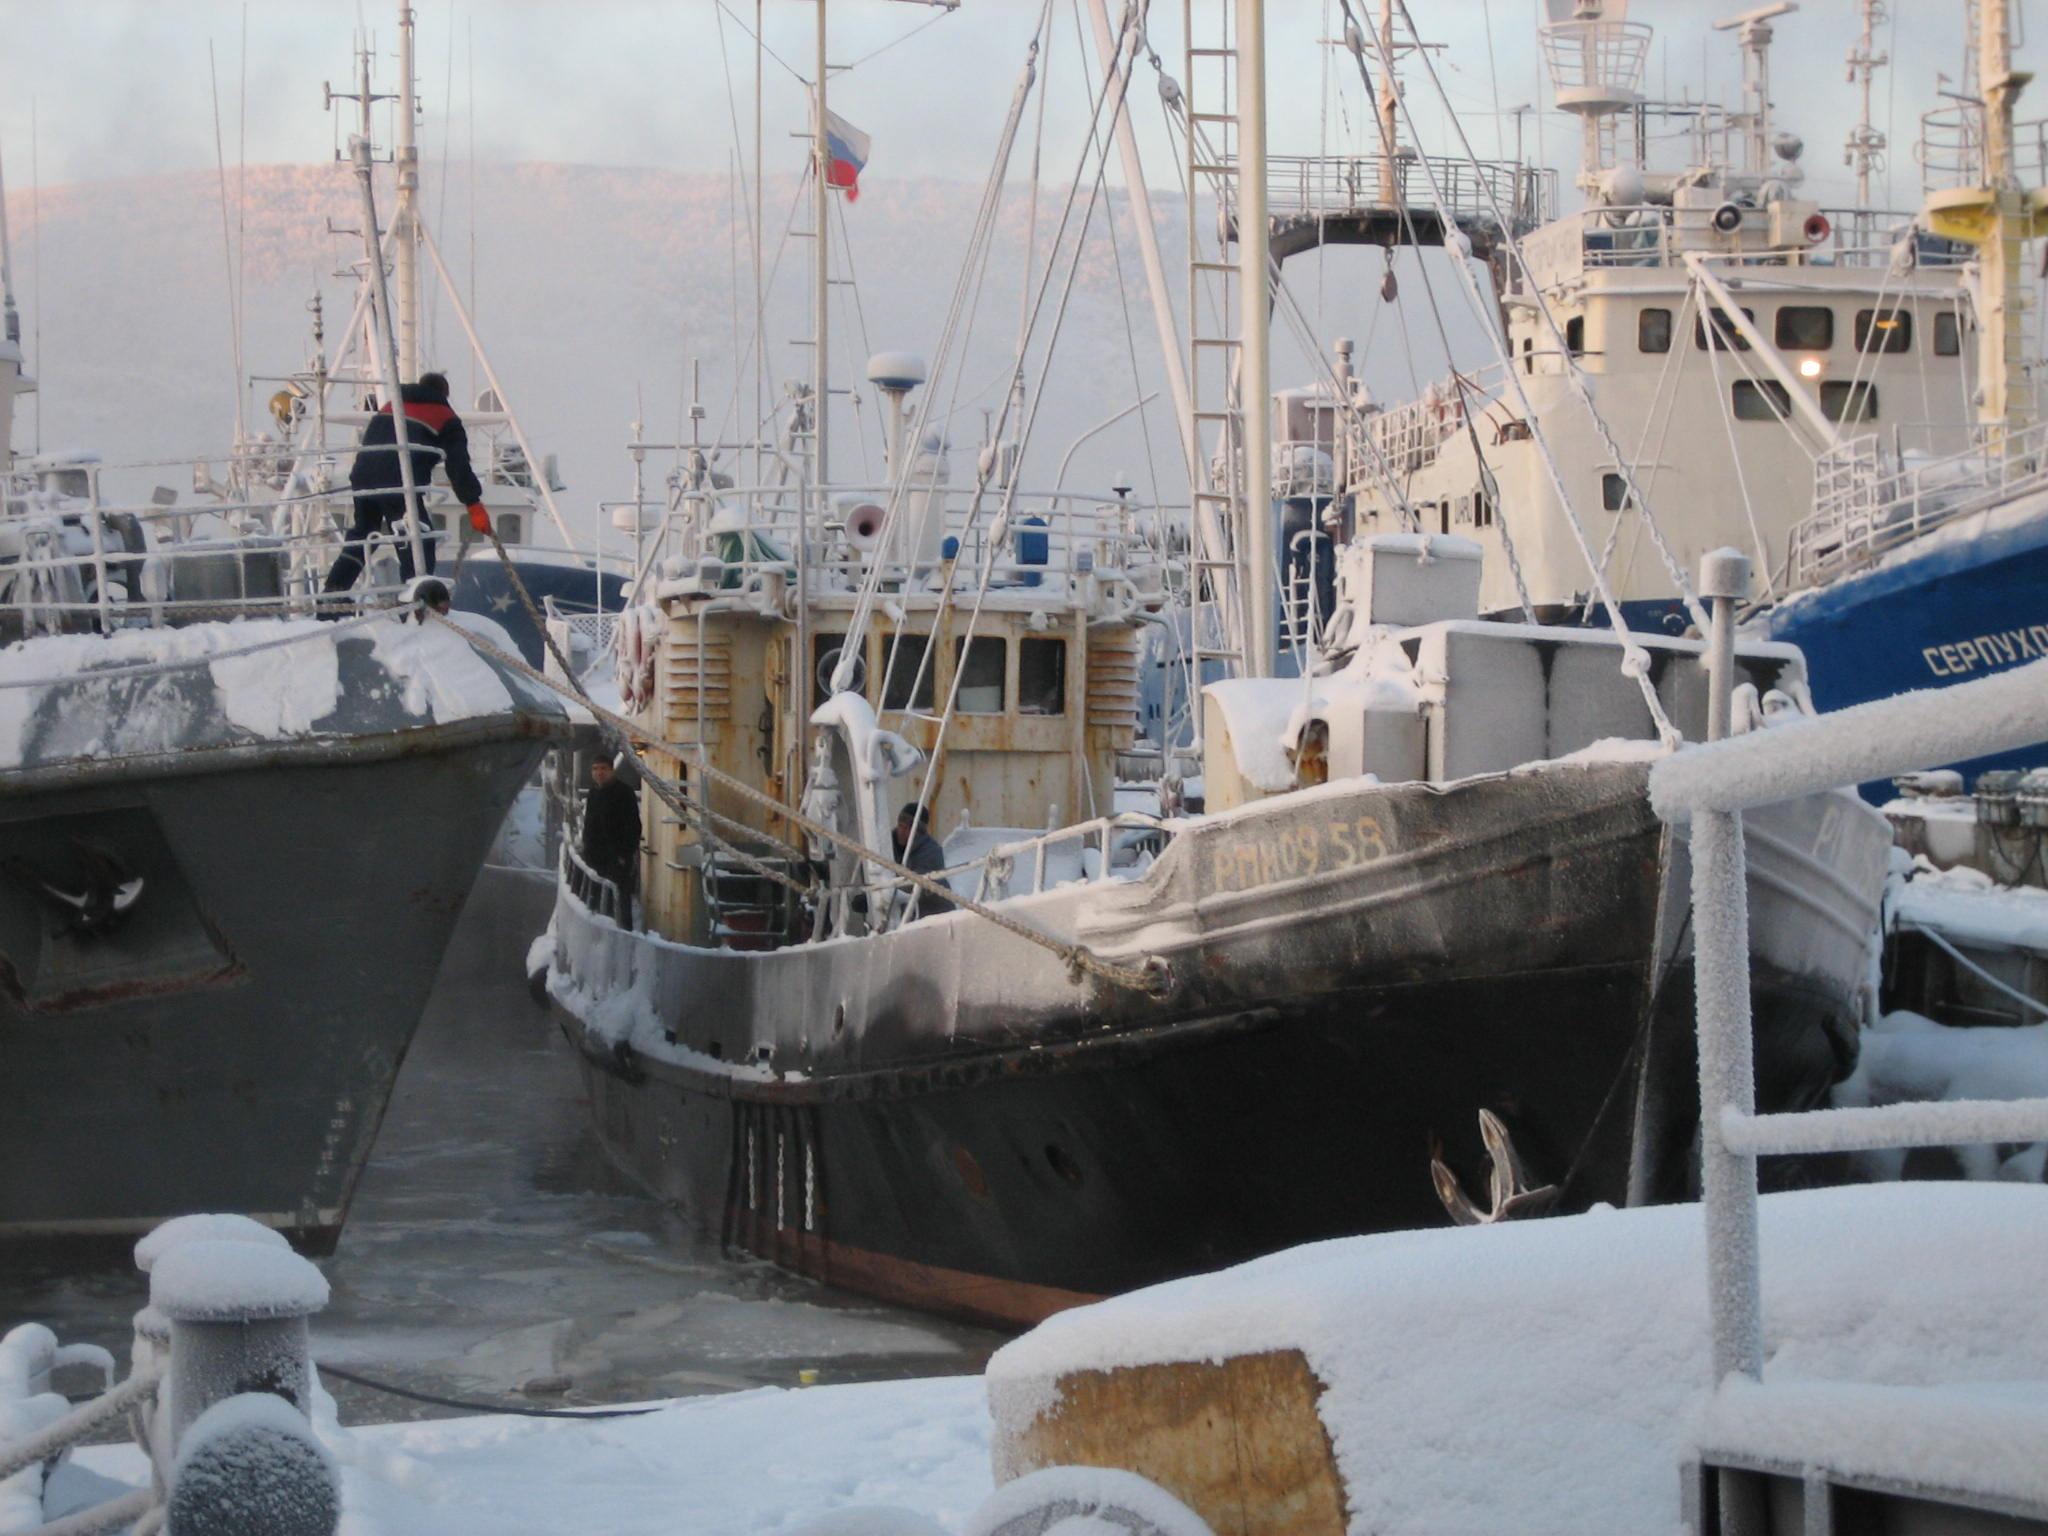 схема тралового флота батм 116трал